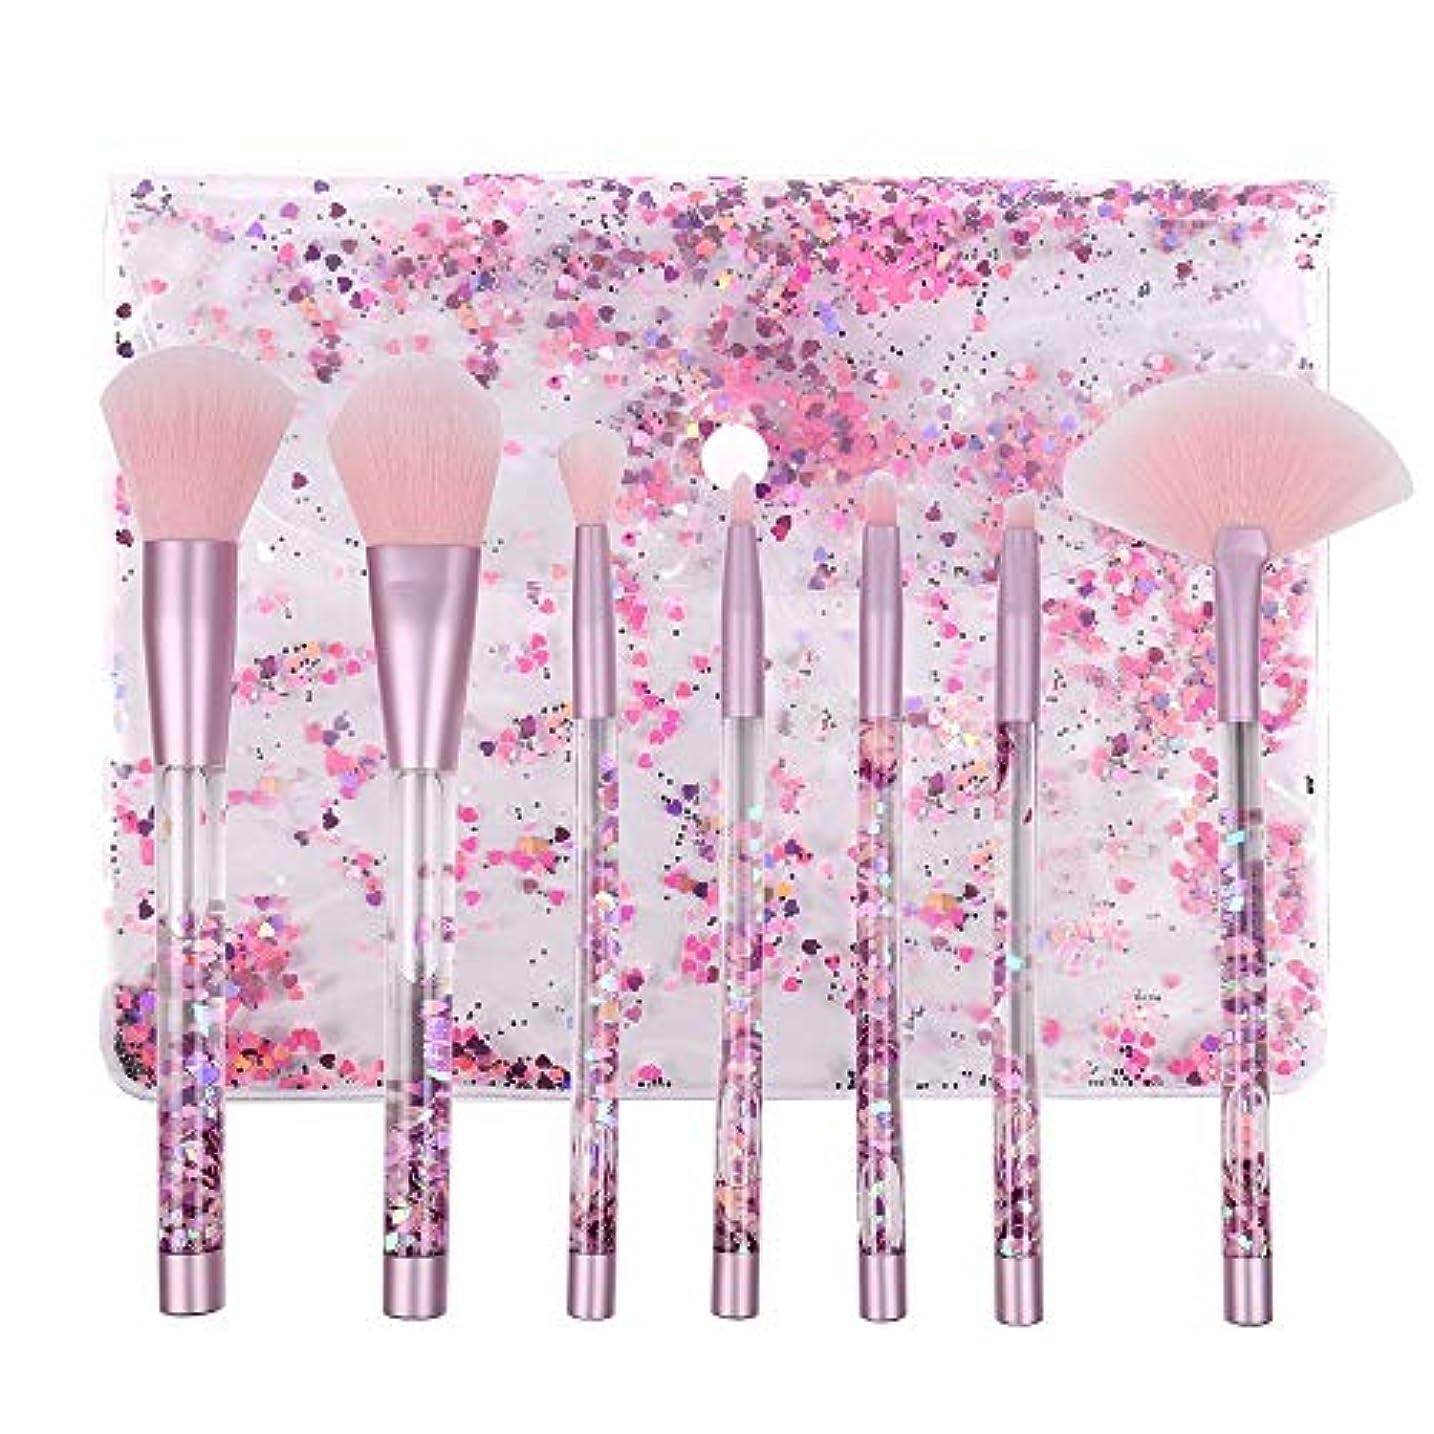 救援歴史家訪問Makeup brushes 化粧ブラシセット7ピースクリスタルピンク液体の光沢のある流砂のハンドル化粧ブラシナイロンブラシ suits (Color : Purple glitter handle and pink hair)